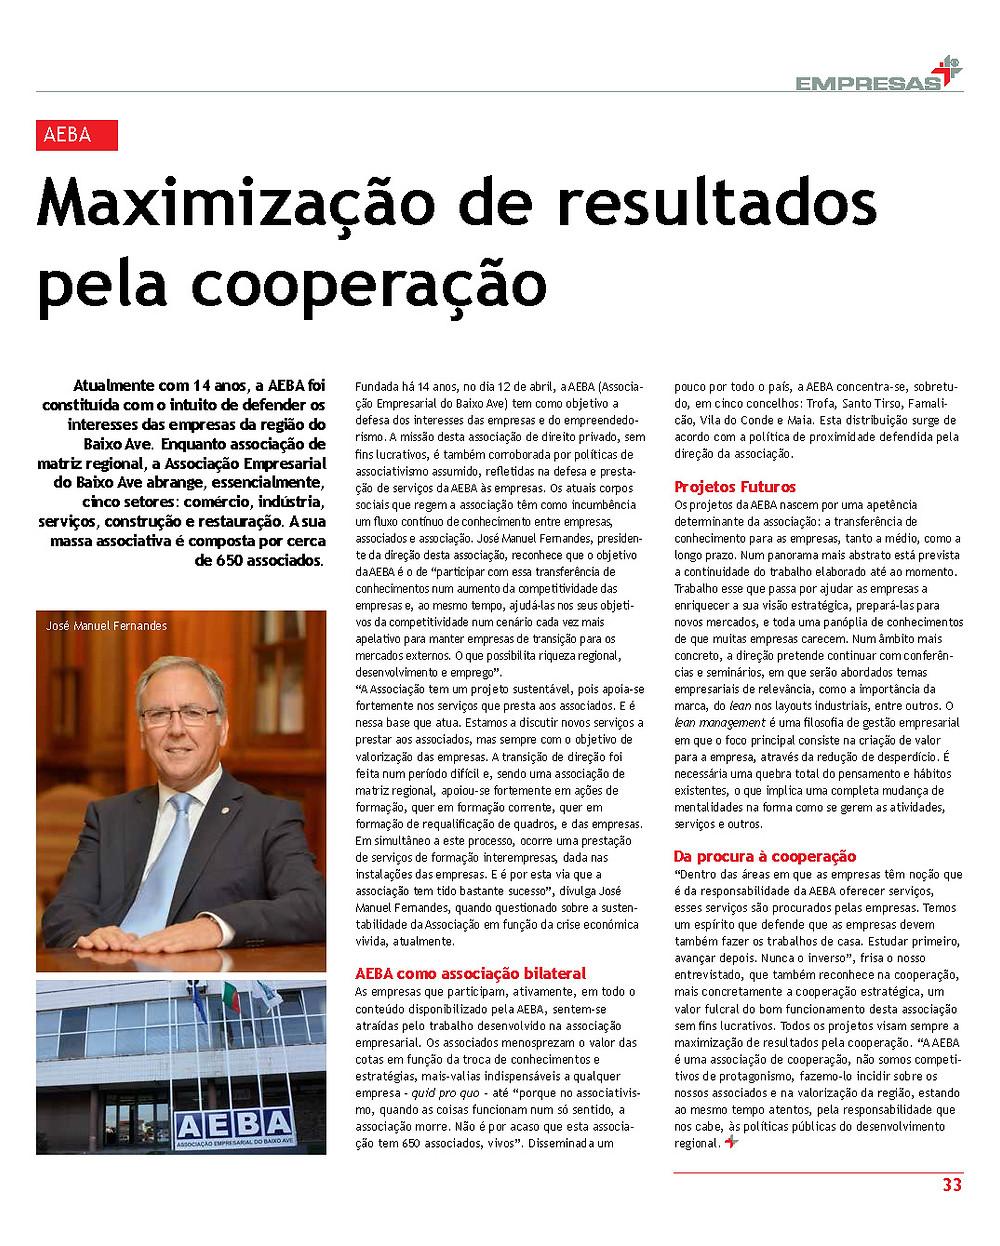 single_page_JMF_empresas_Edição-13_bx.jpg